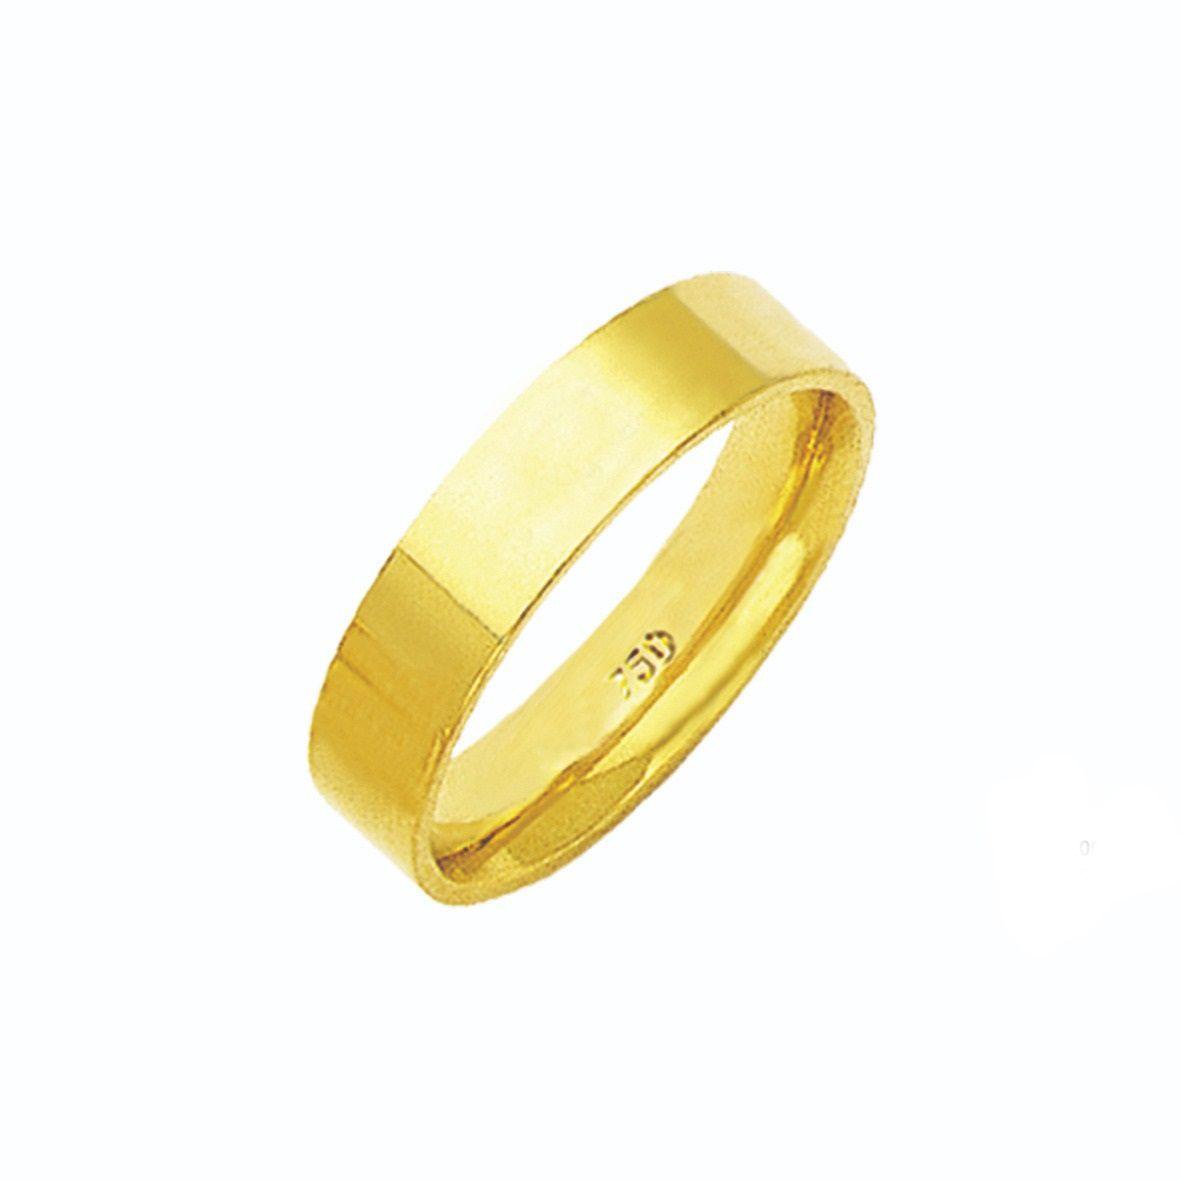 Aliança Glove de Ouro ZSAR60